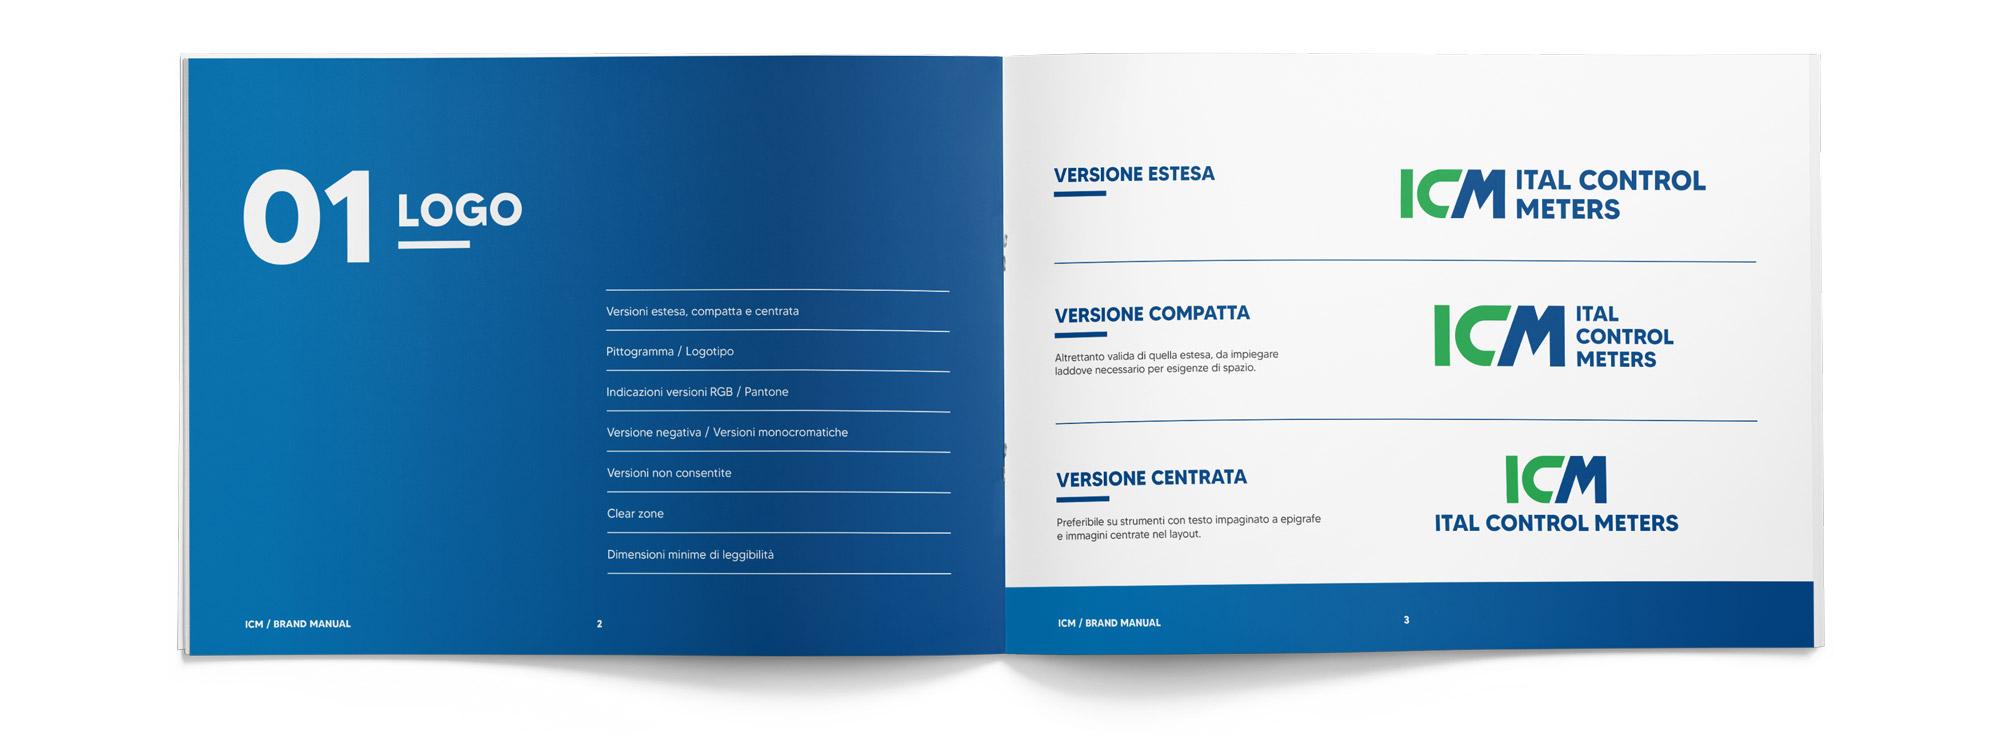 brand manual Ital Control Meters aperto visto dall'alto che mostra le versioni del logo